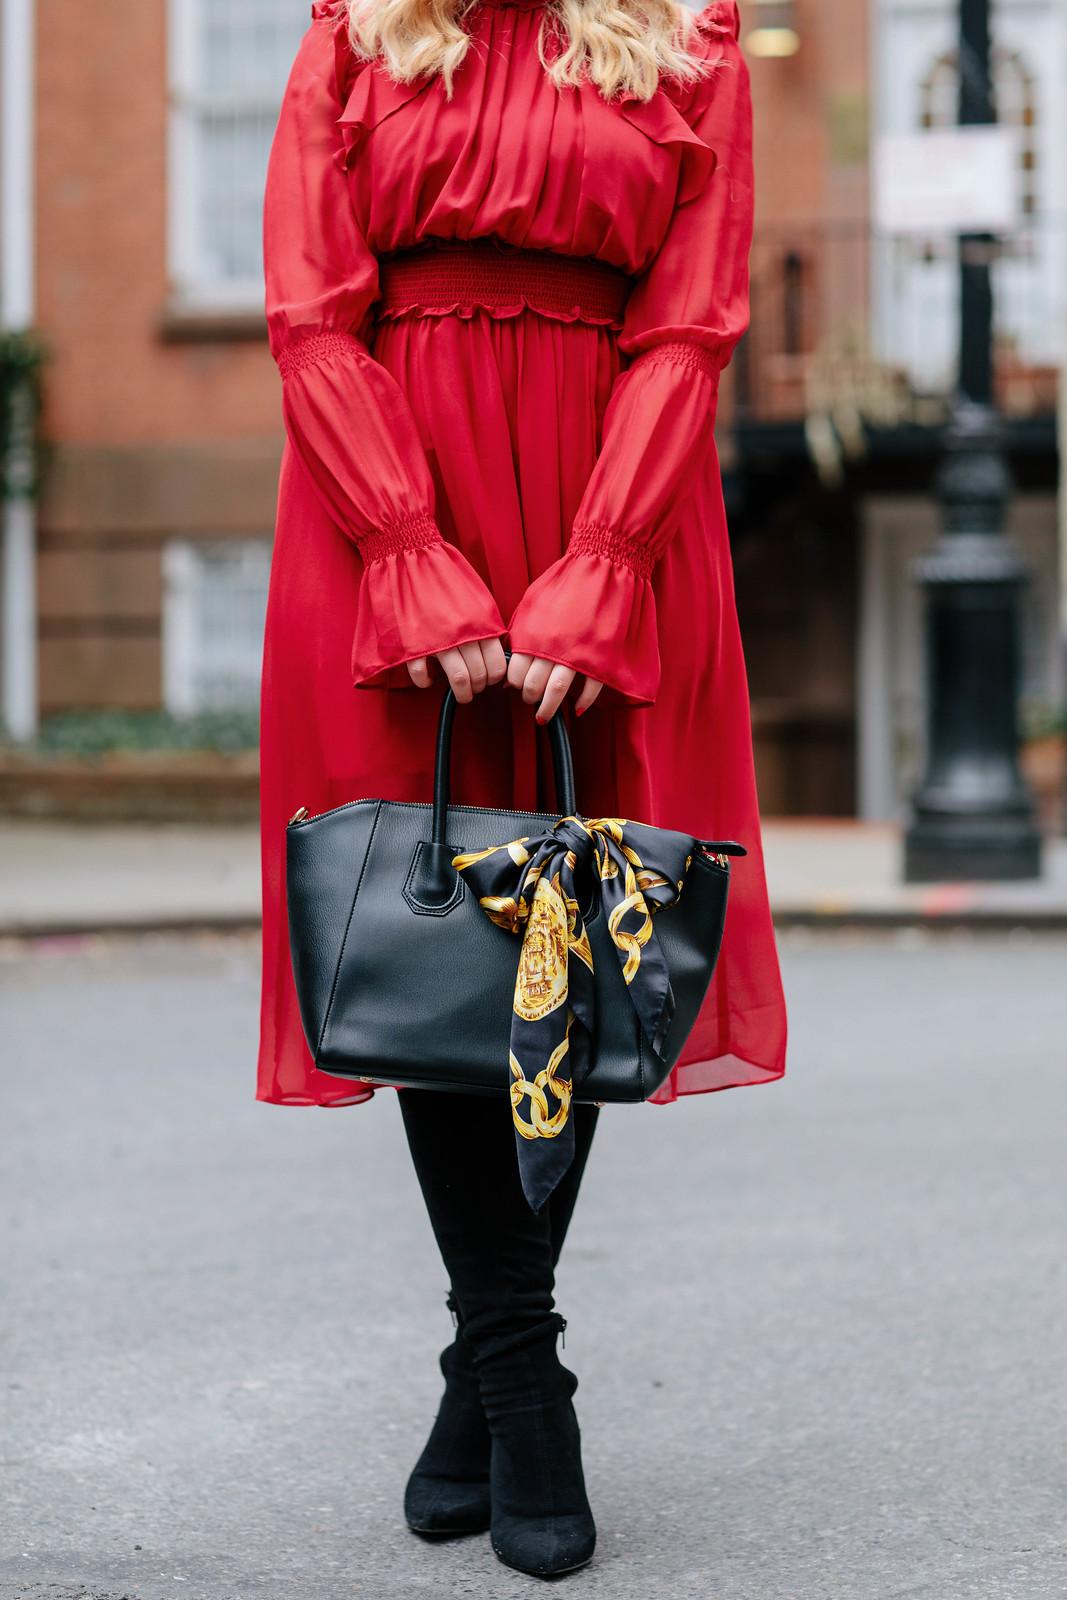 Red Dress Vintage Scarf Bag Black Over the Knee Boots